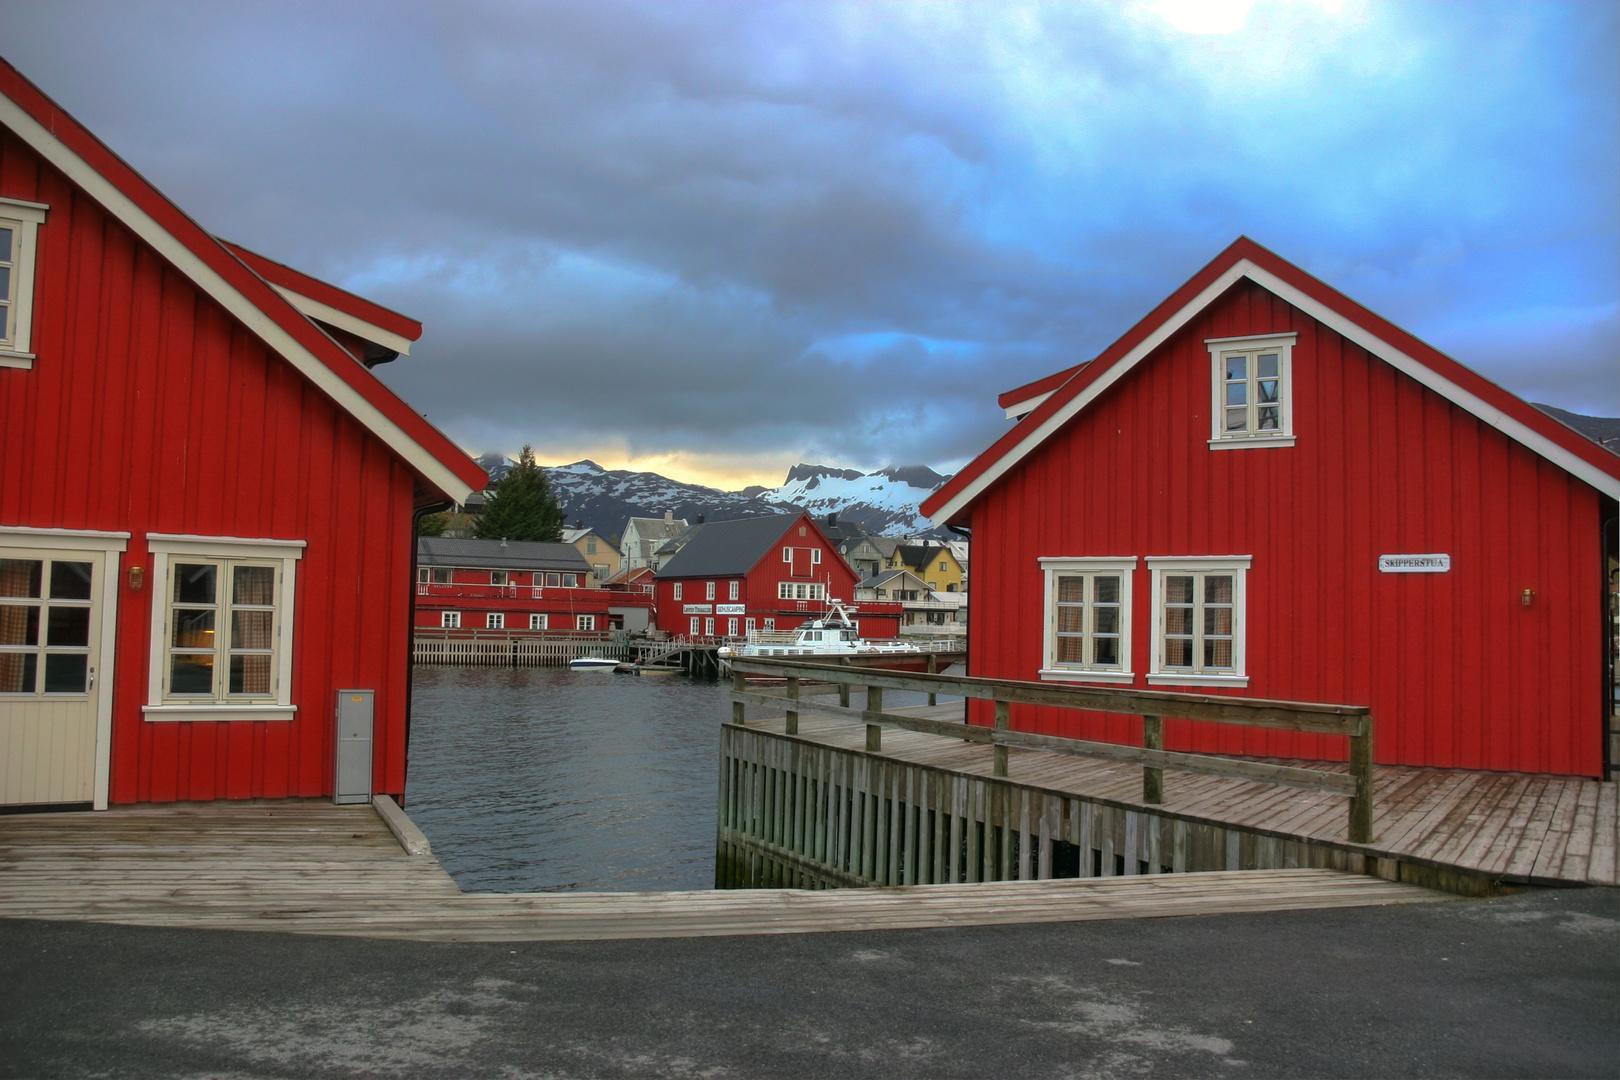 Häuser in Stamsund Lofoten